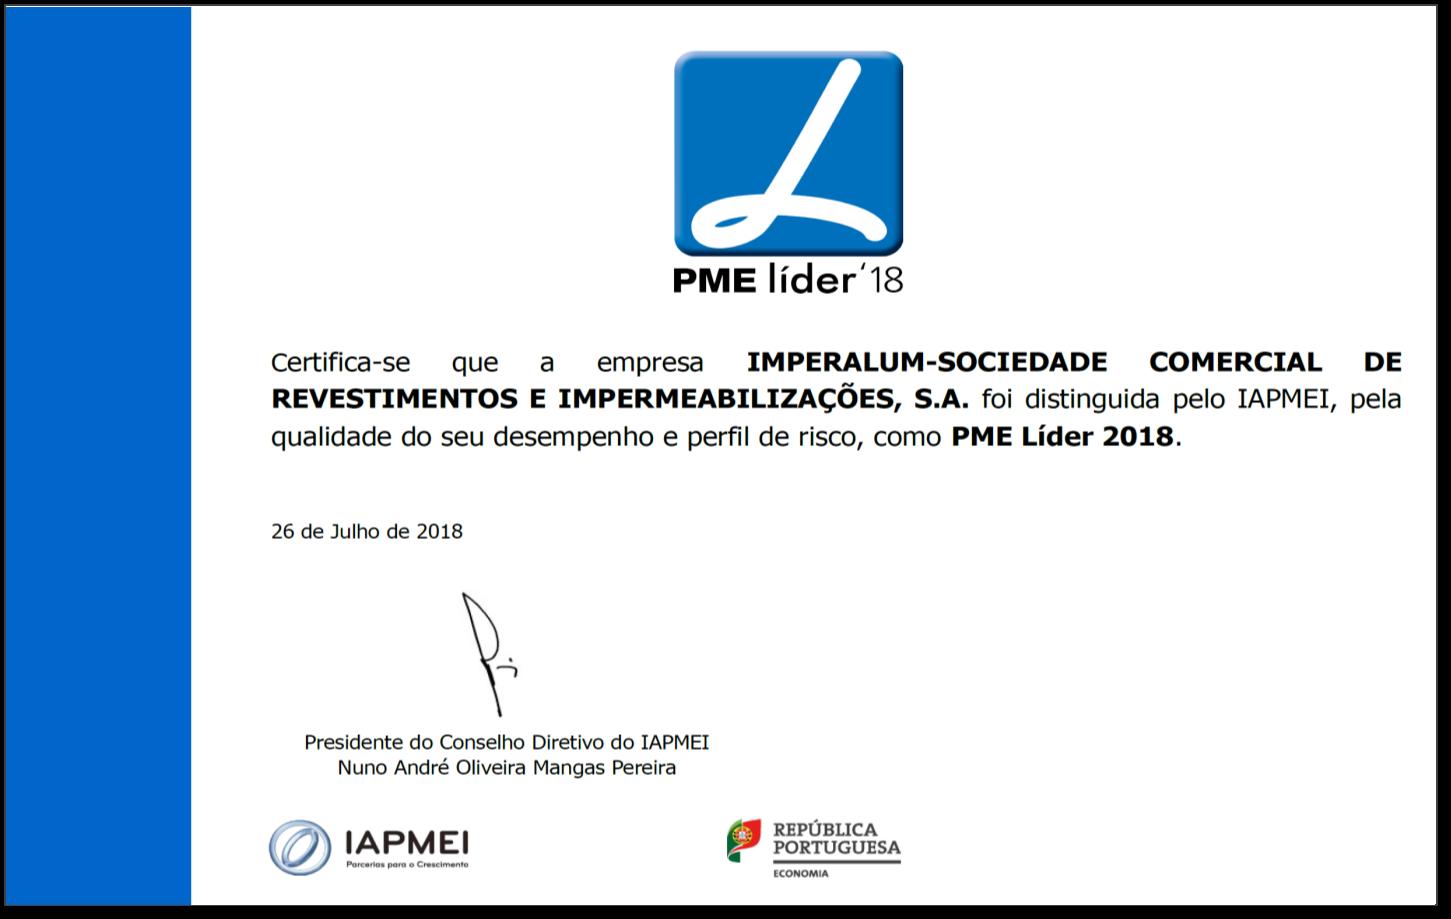 Imagem notícia PME LIDER 2018